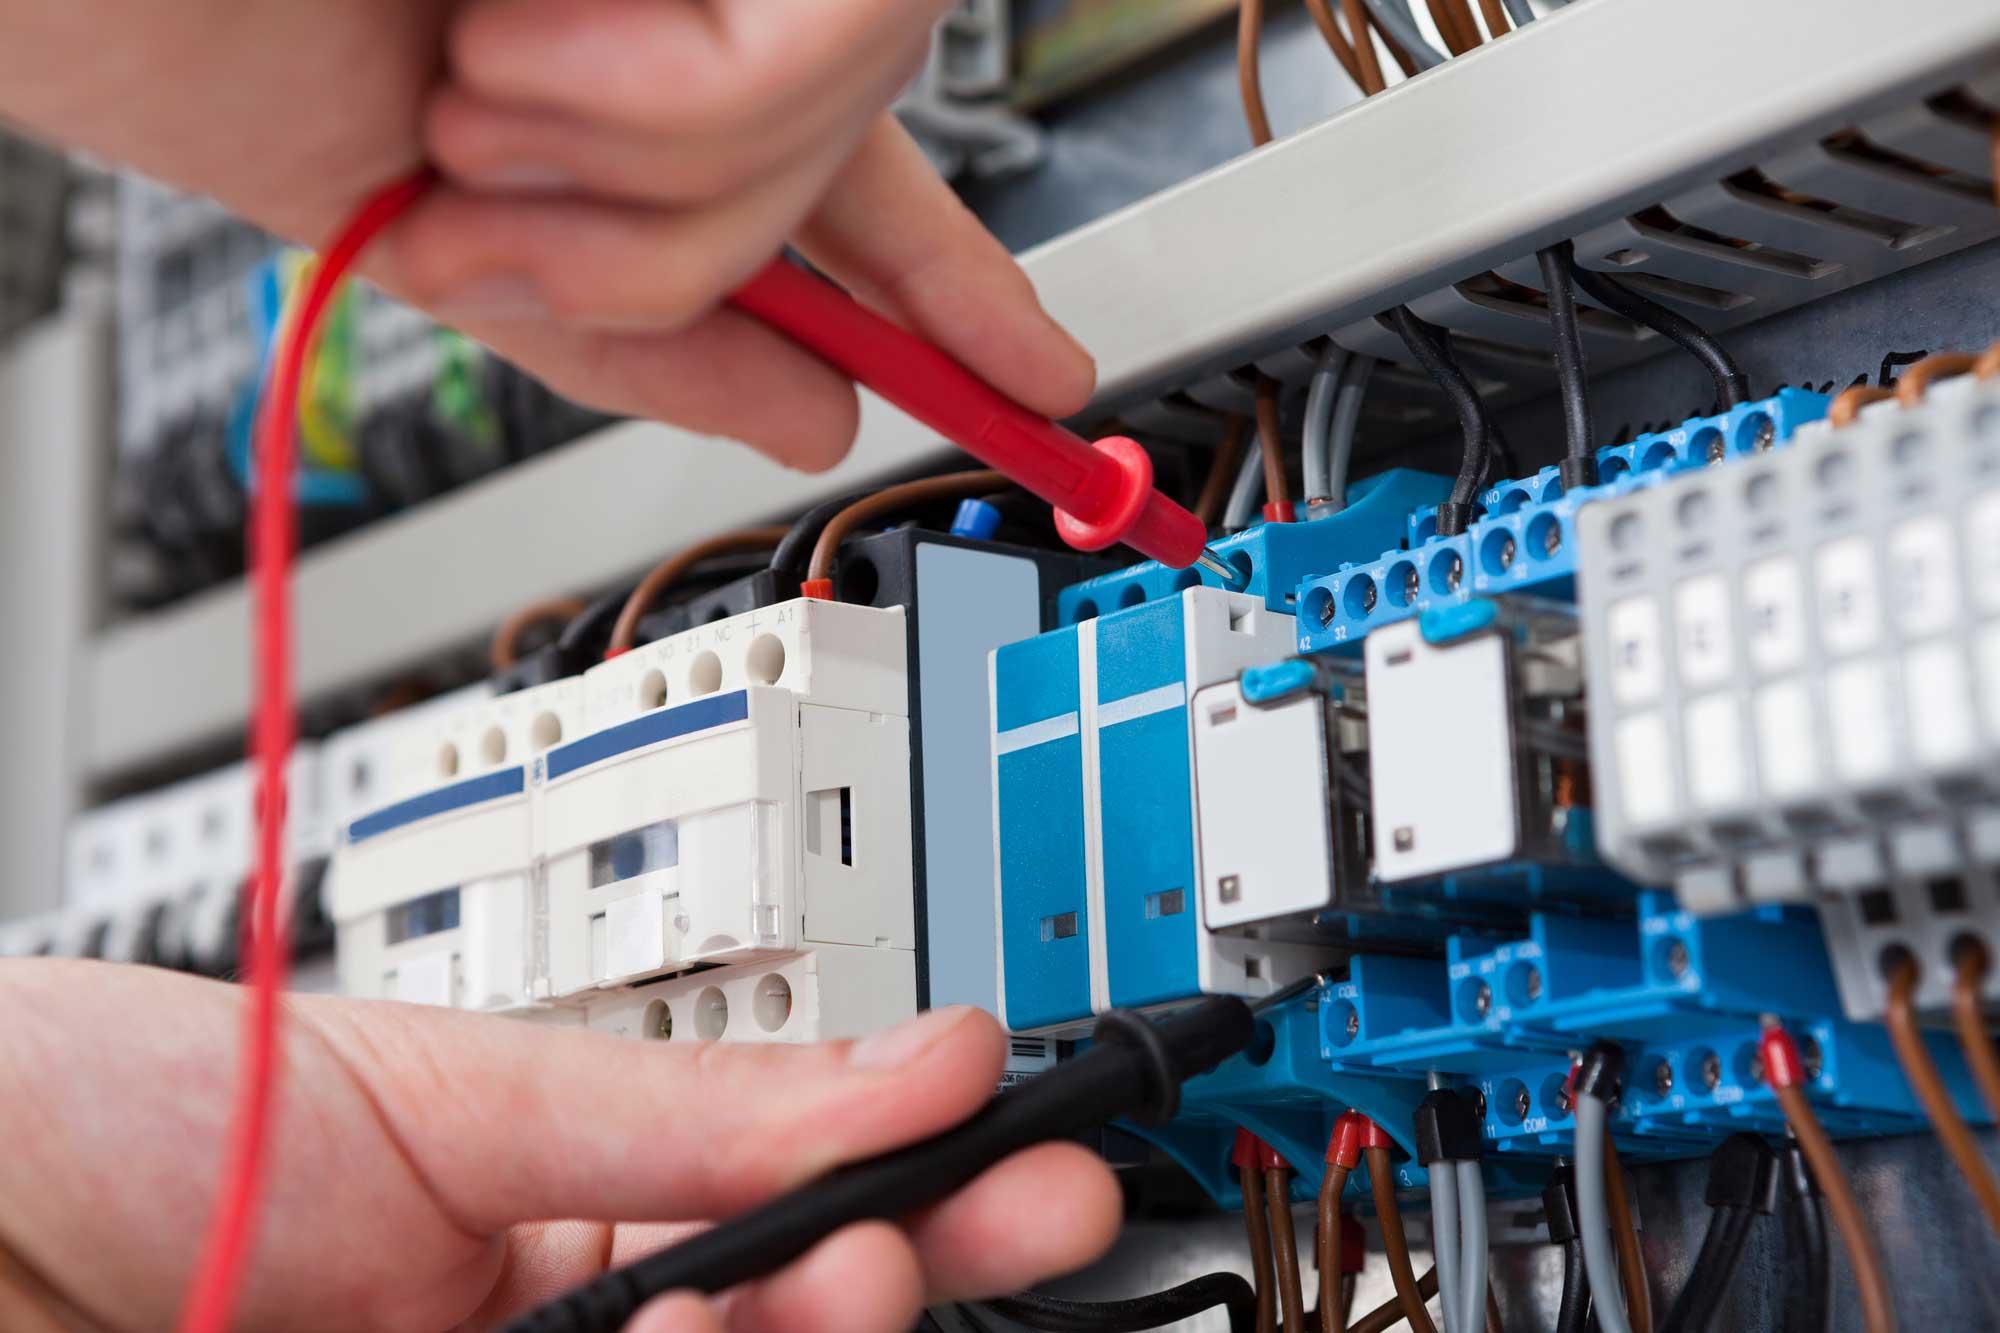 elektricien-werk-niet gebruiken